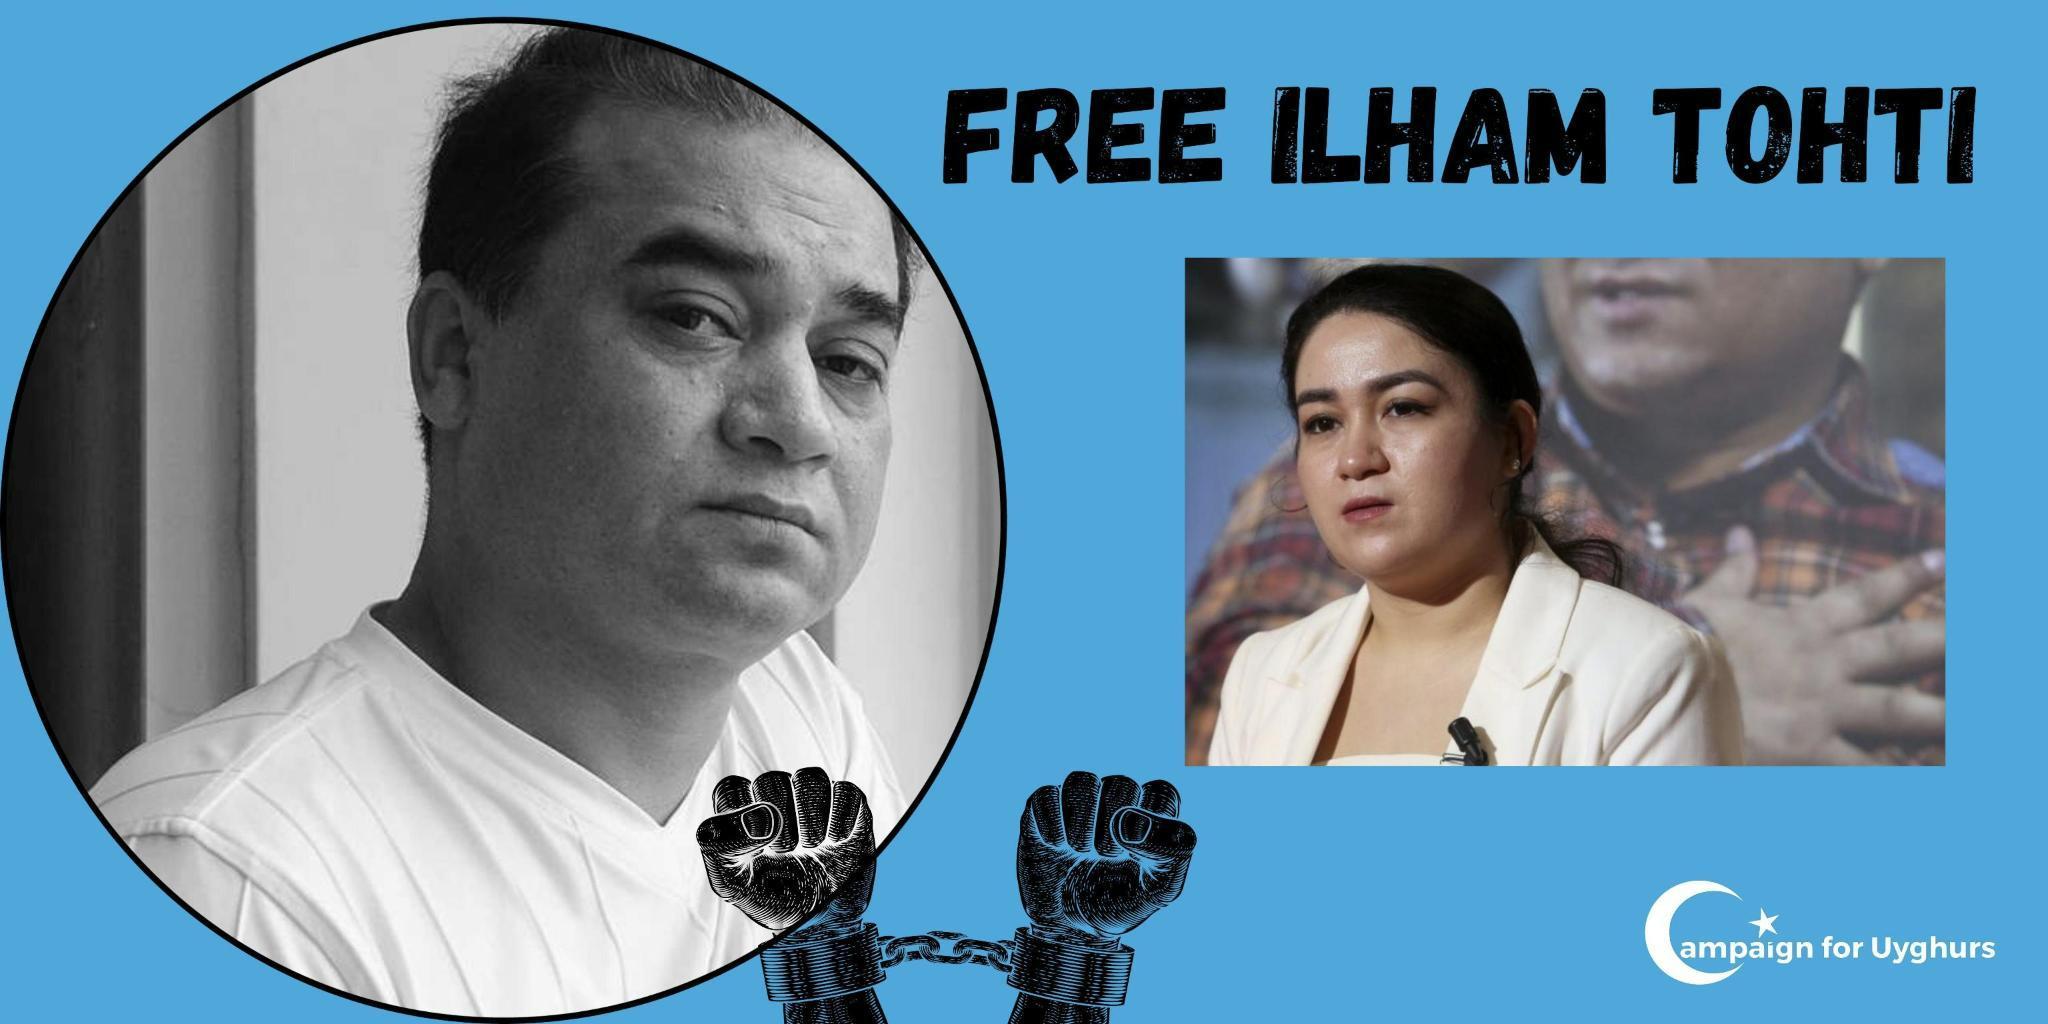 CFU Condemns CCP's Blocking Visit to Professor Ilham Tohti - Campaign For Uyghurs